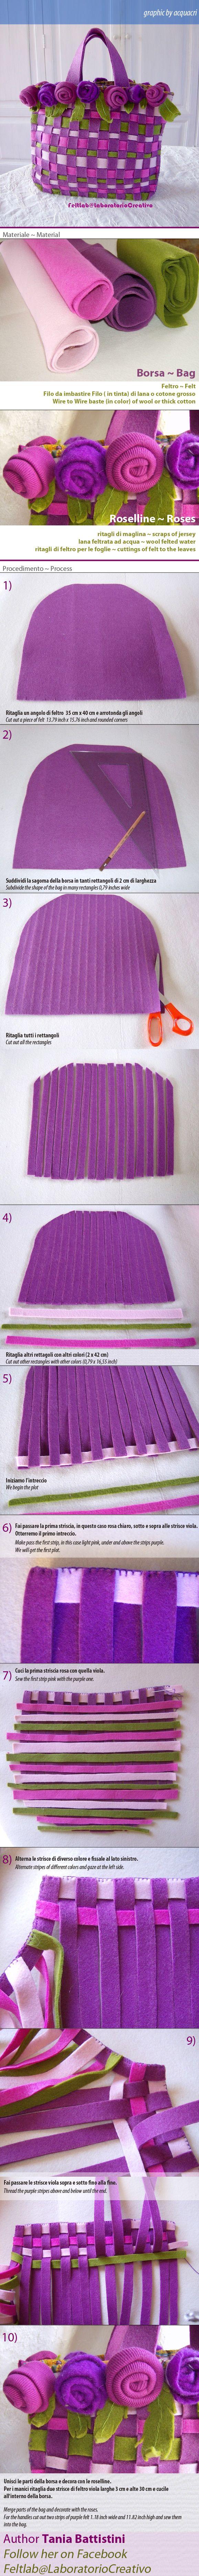 Felt bag woven | Borsa di feltro intrecciata